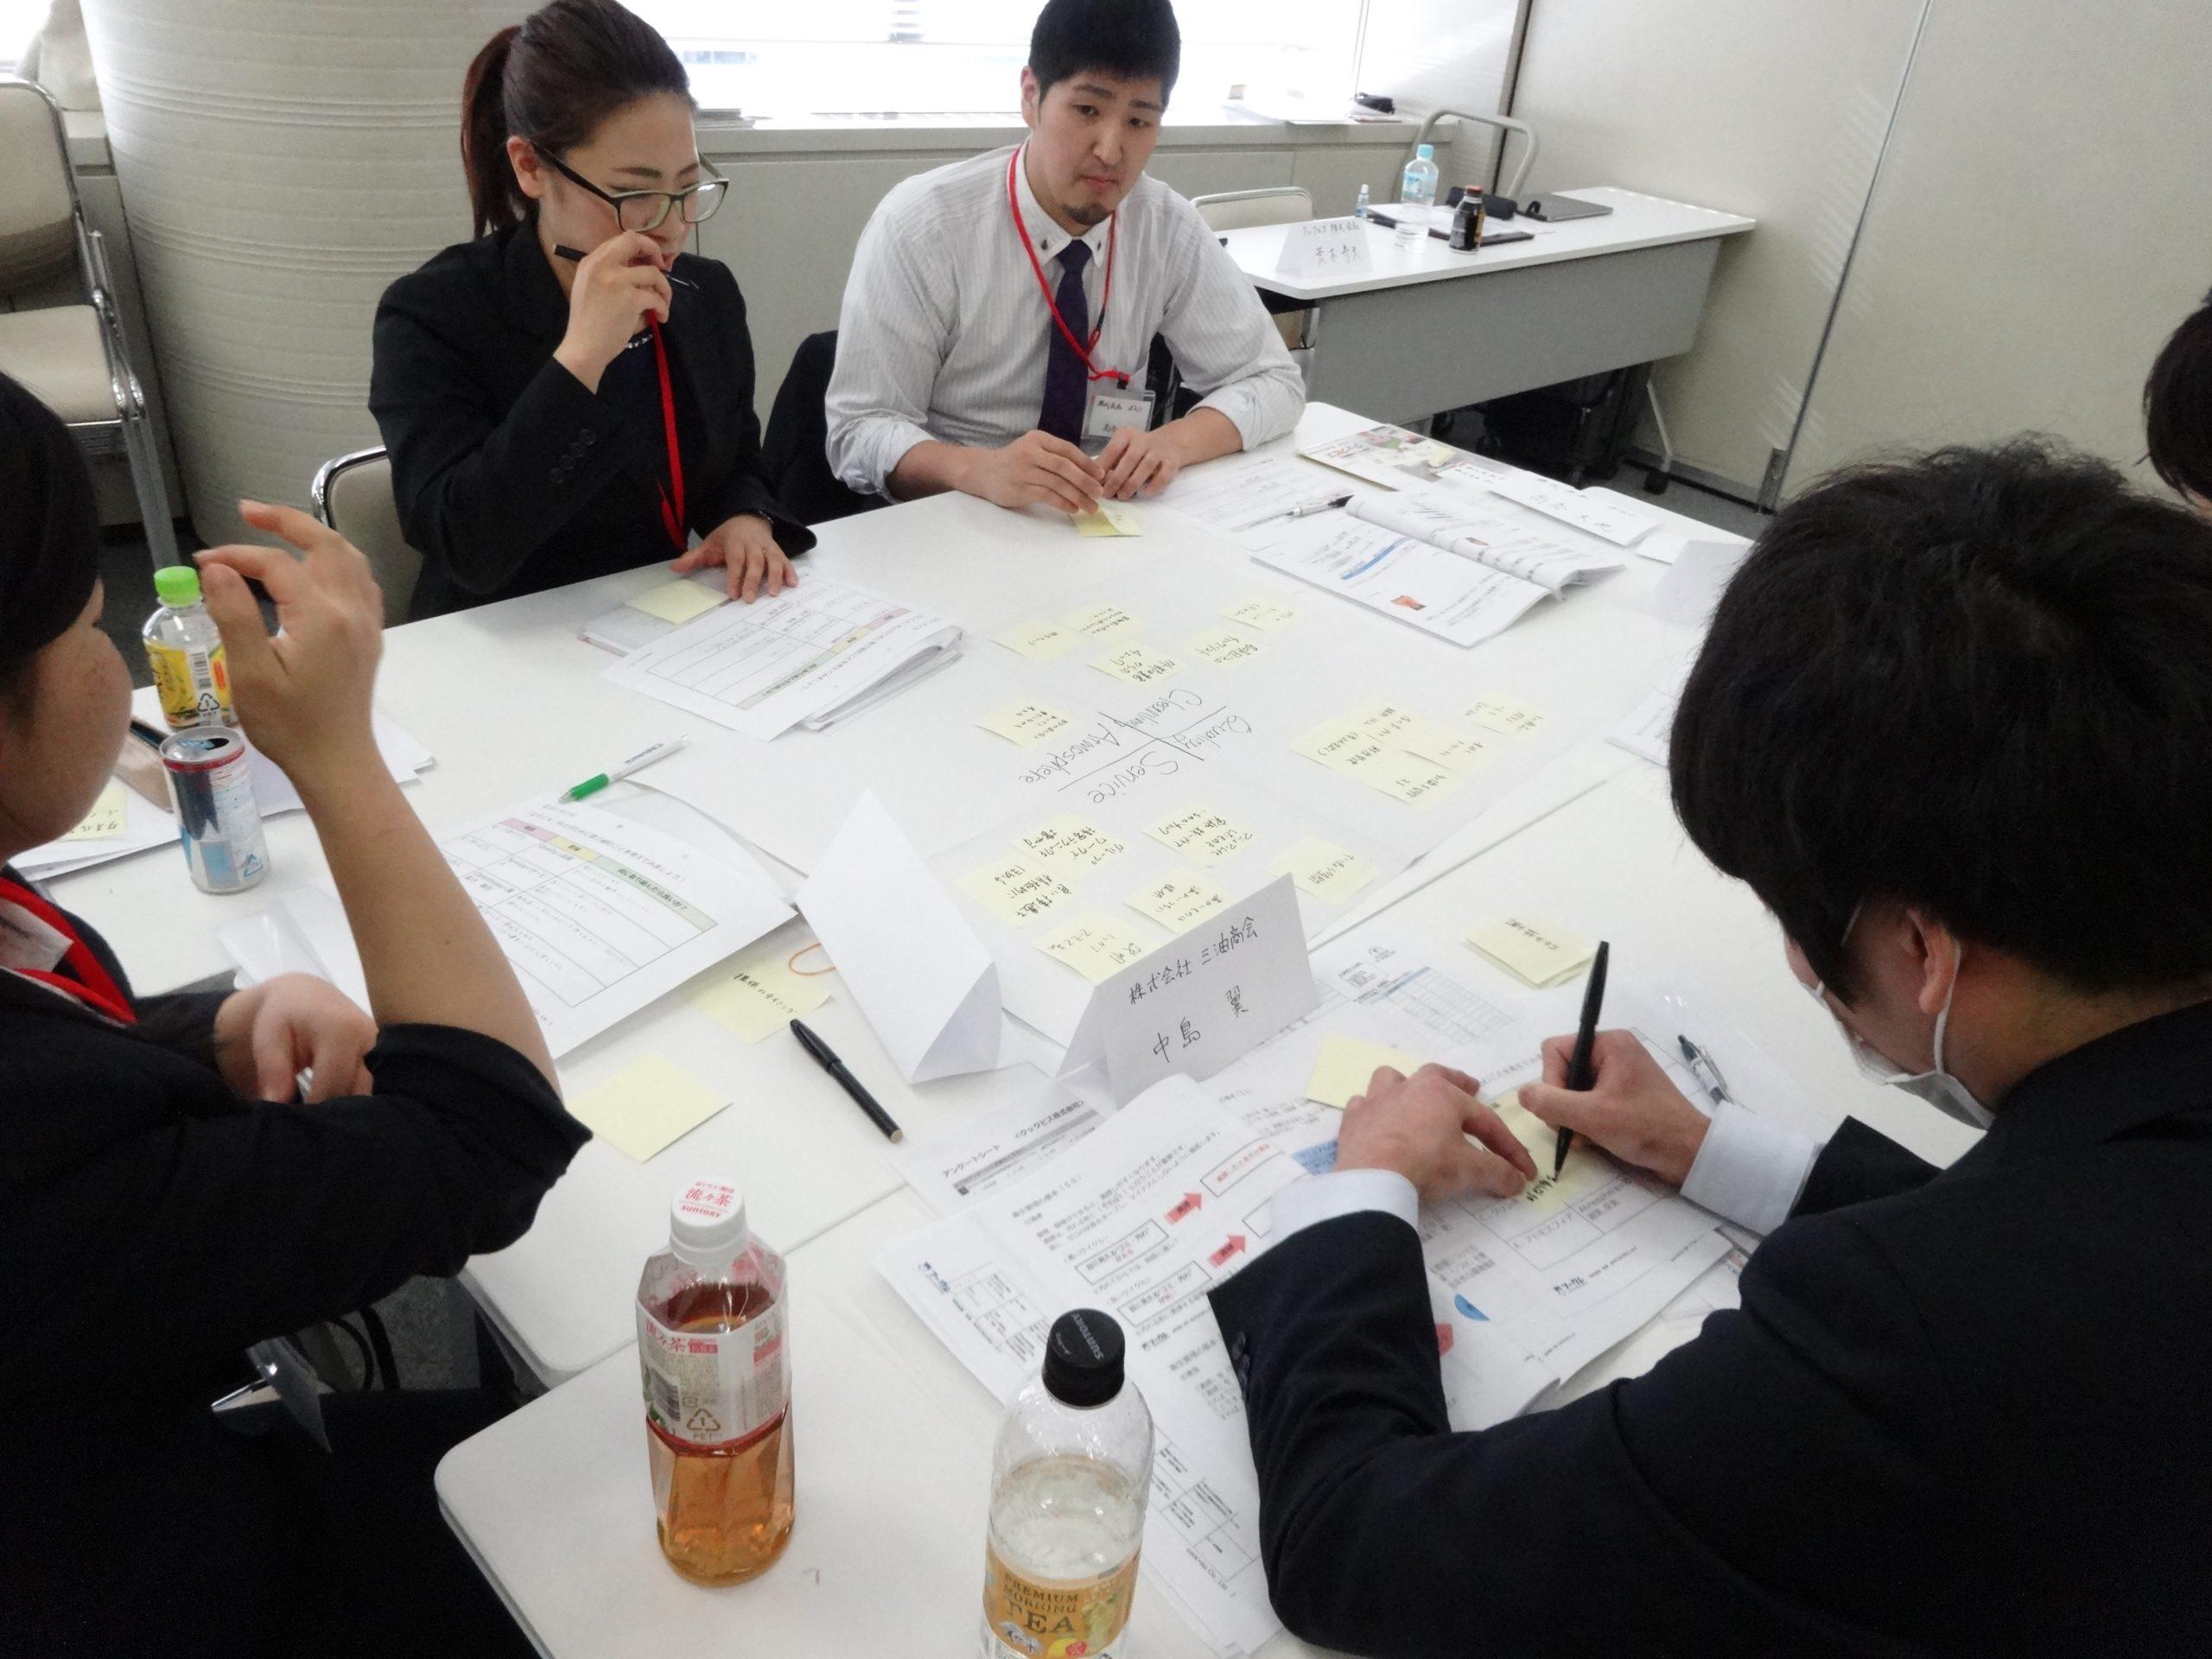 秋吉さんの研修風景。グループで考え、話し合う場面。